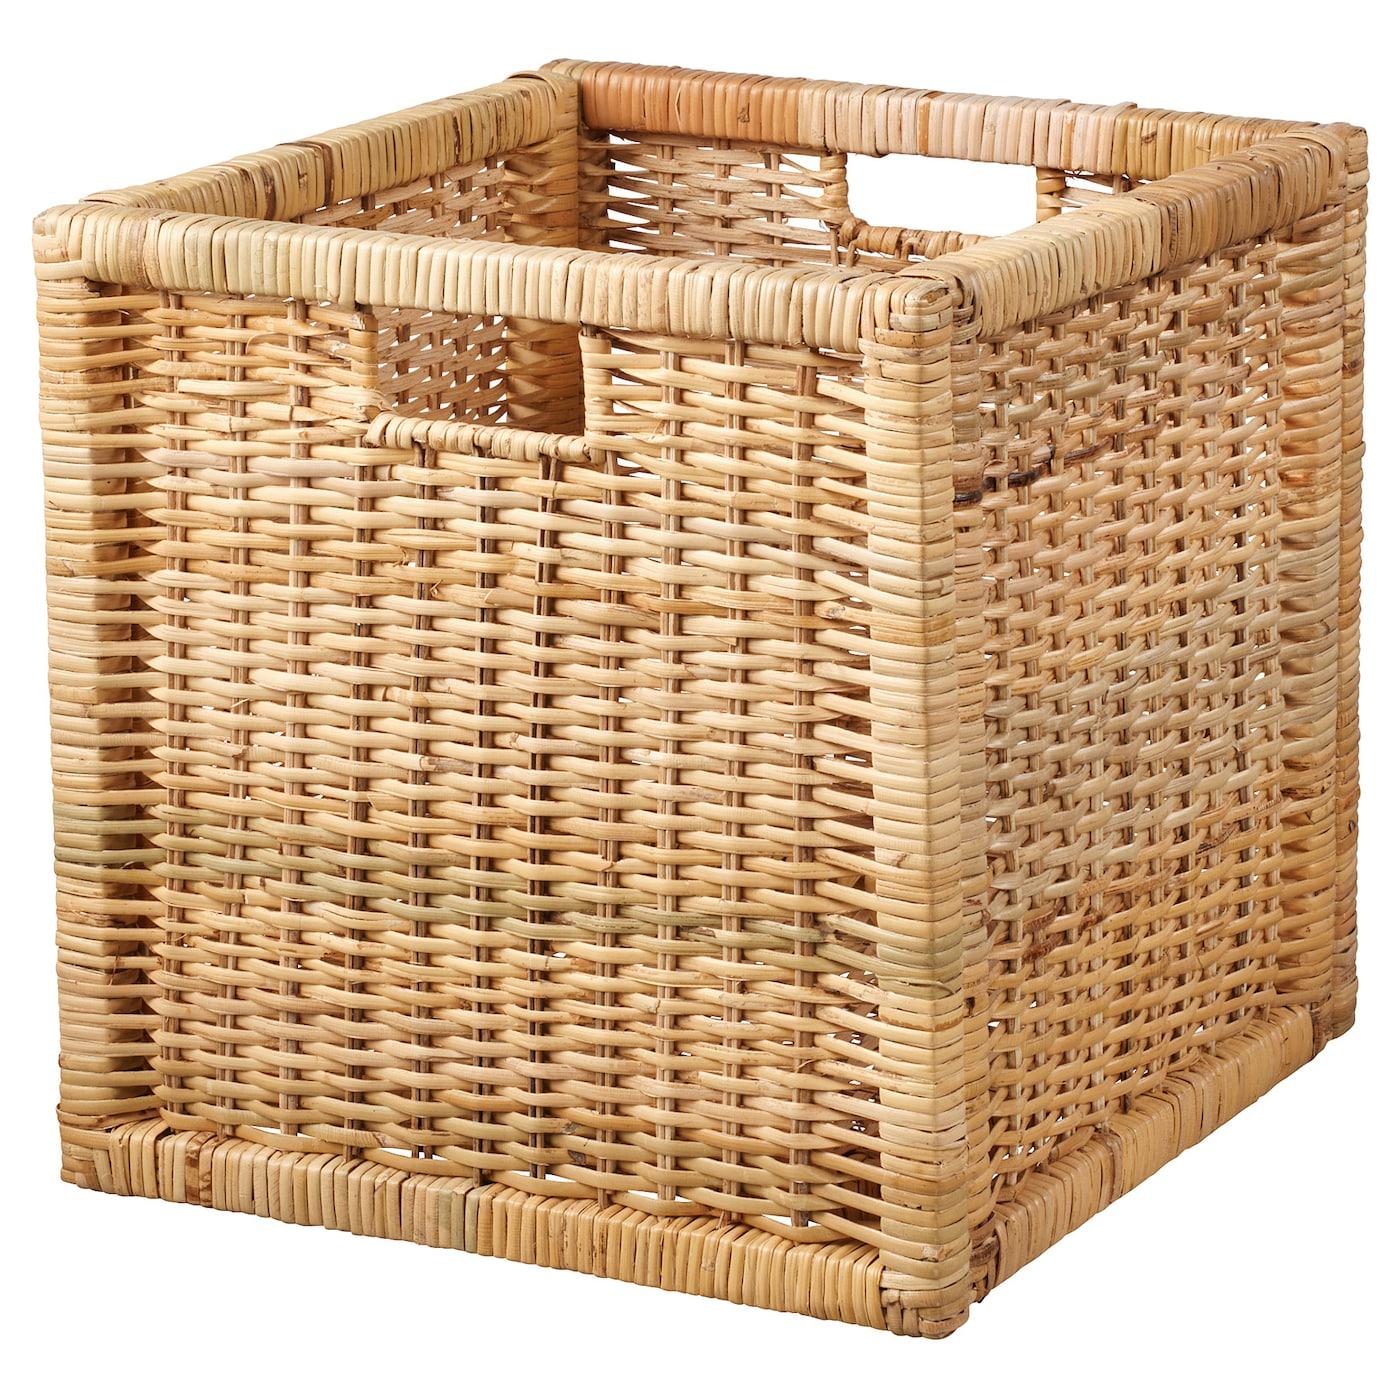 BRANÄS Basket rattan 32x34x32 cm